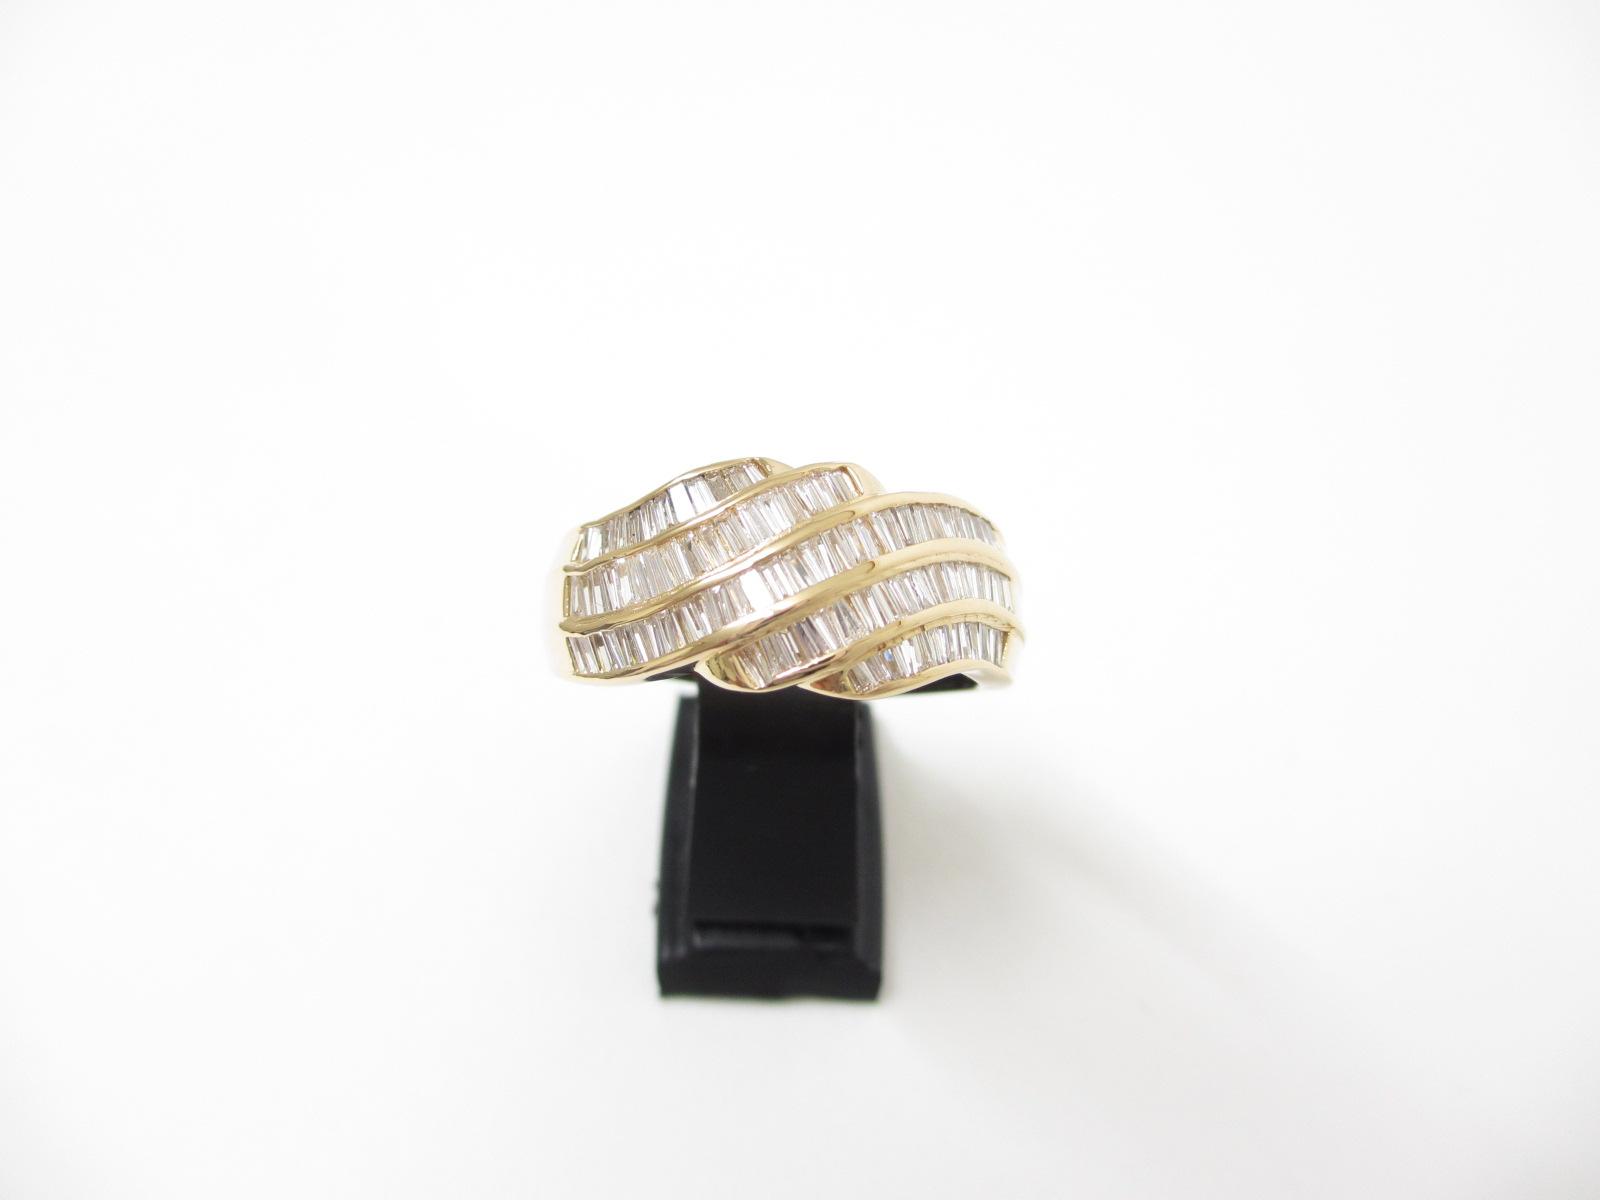 K18YG(18金) 指輪 ダイヤモンドリング D/1.00ct